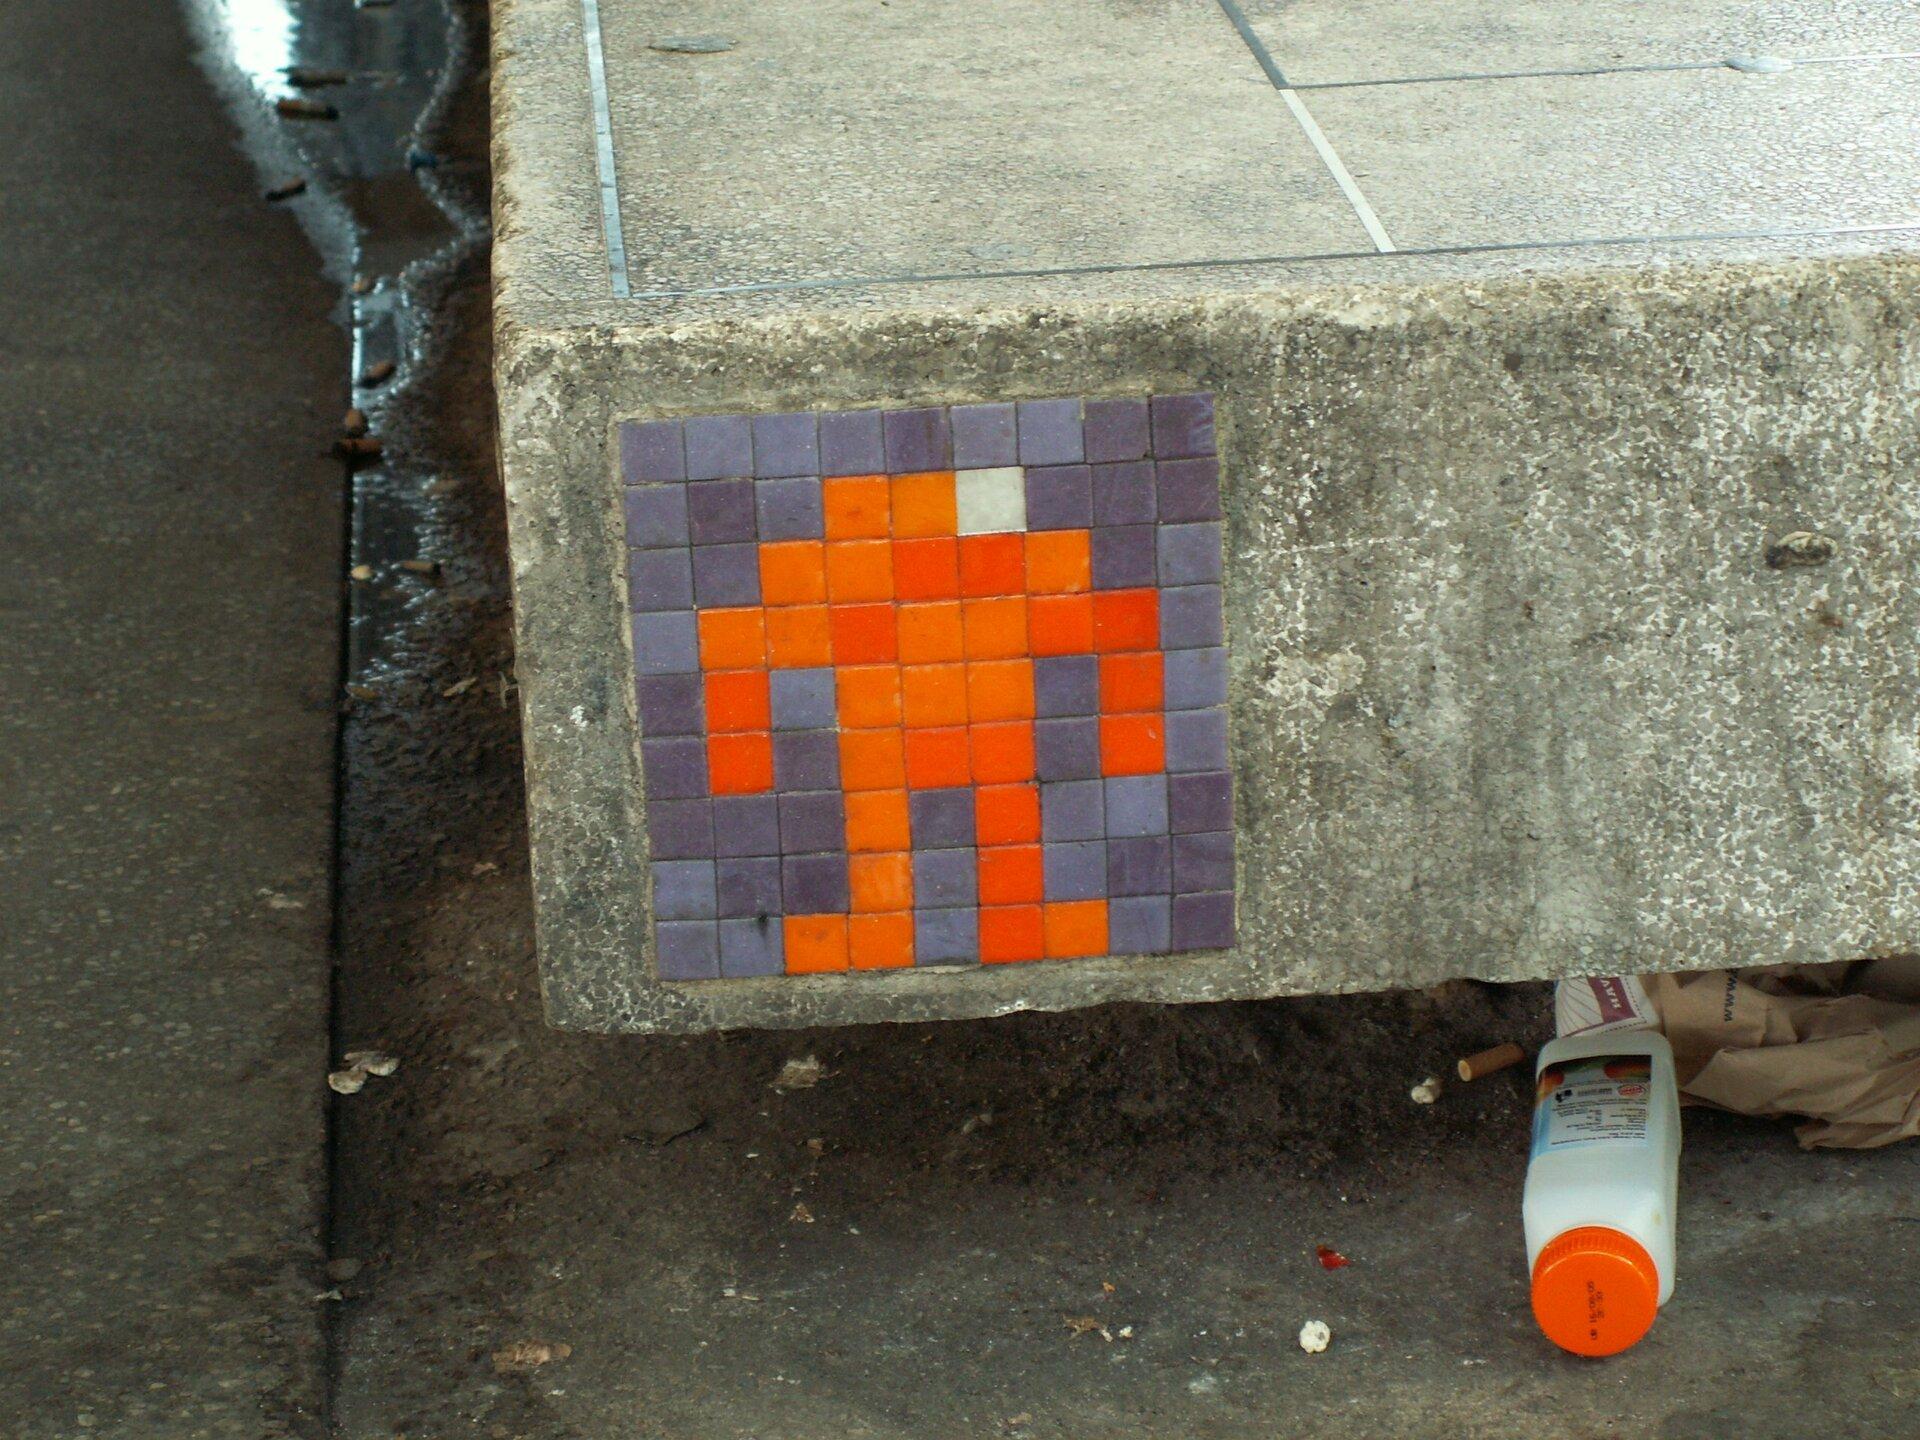 Ilustracja przedstawia wlepkę ukazującą symbol ludzika złożonego zpomarańczowych kwadracików na szarym tle. Umieszczona jest na betonowej płycie.